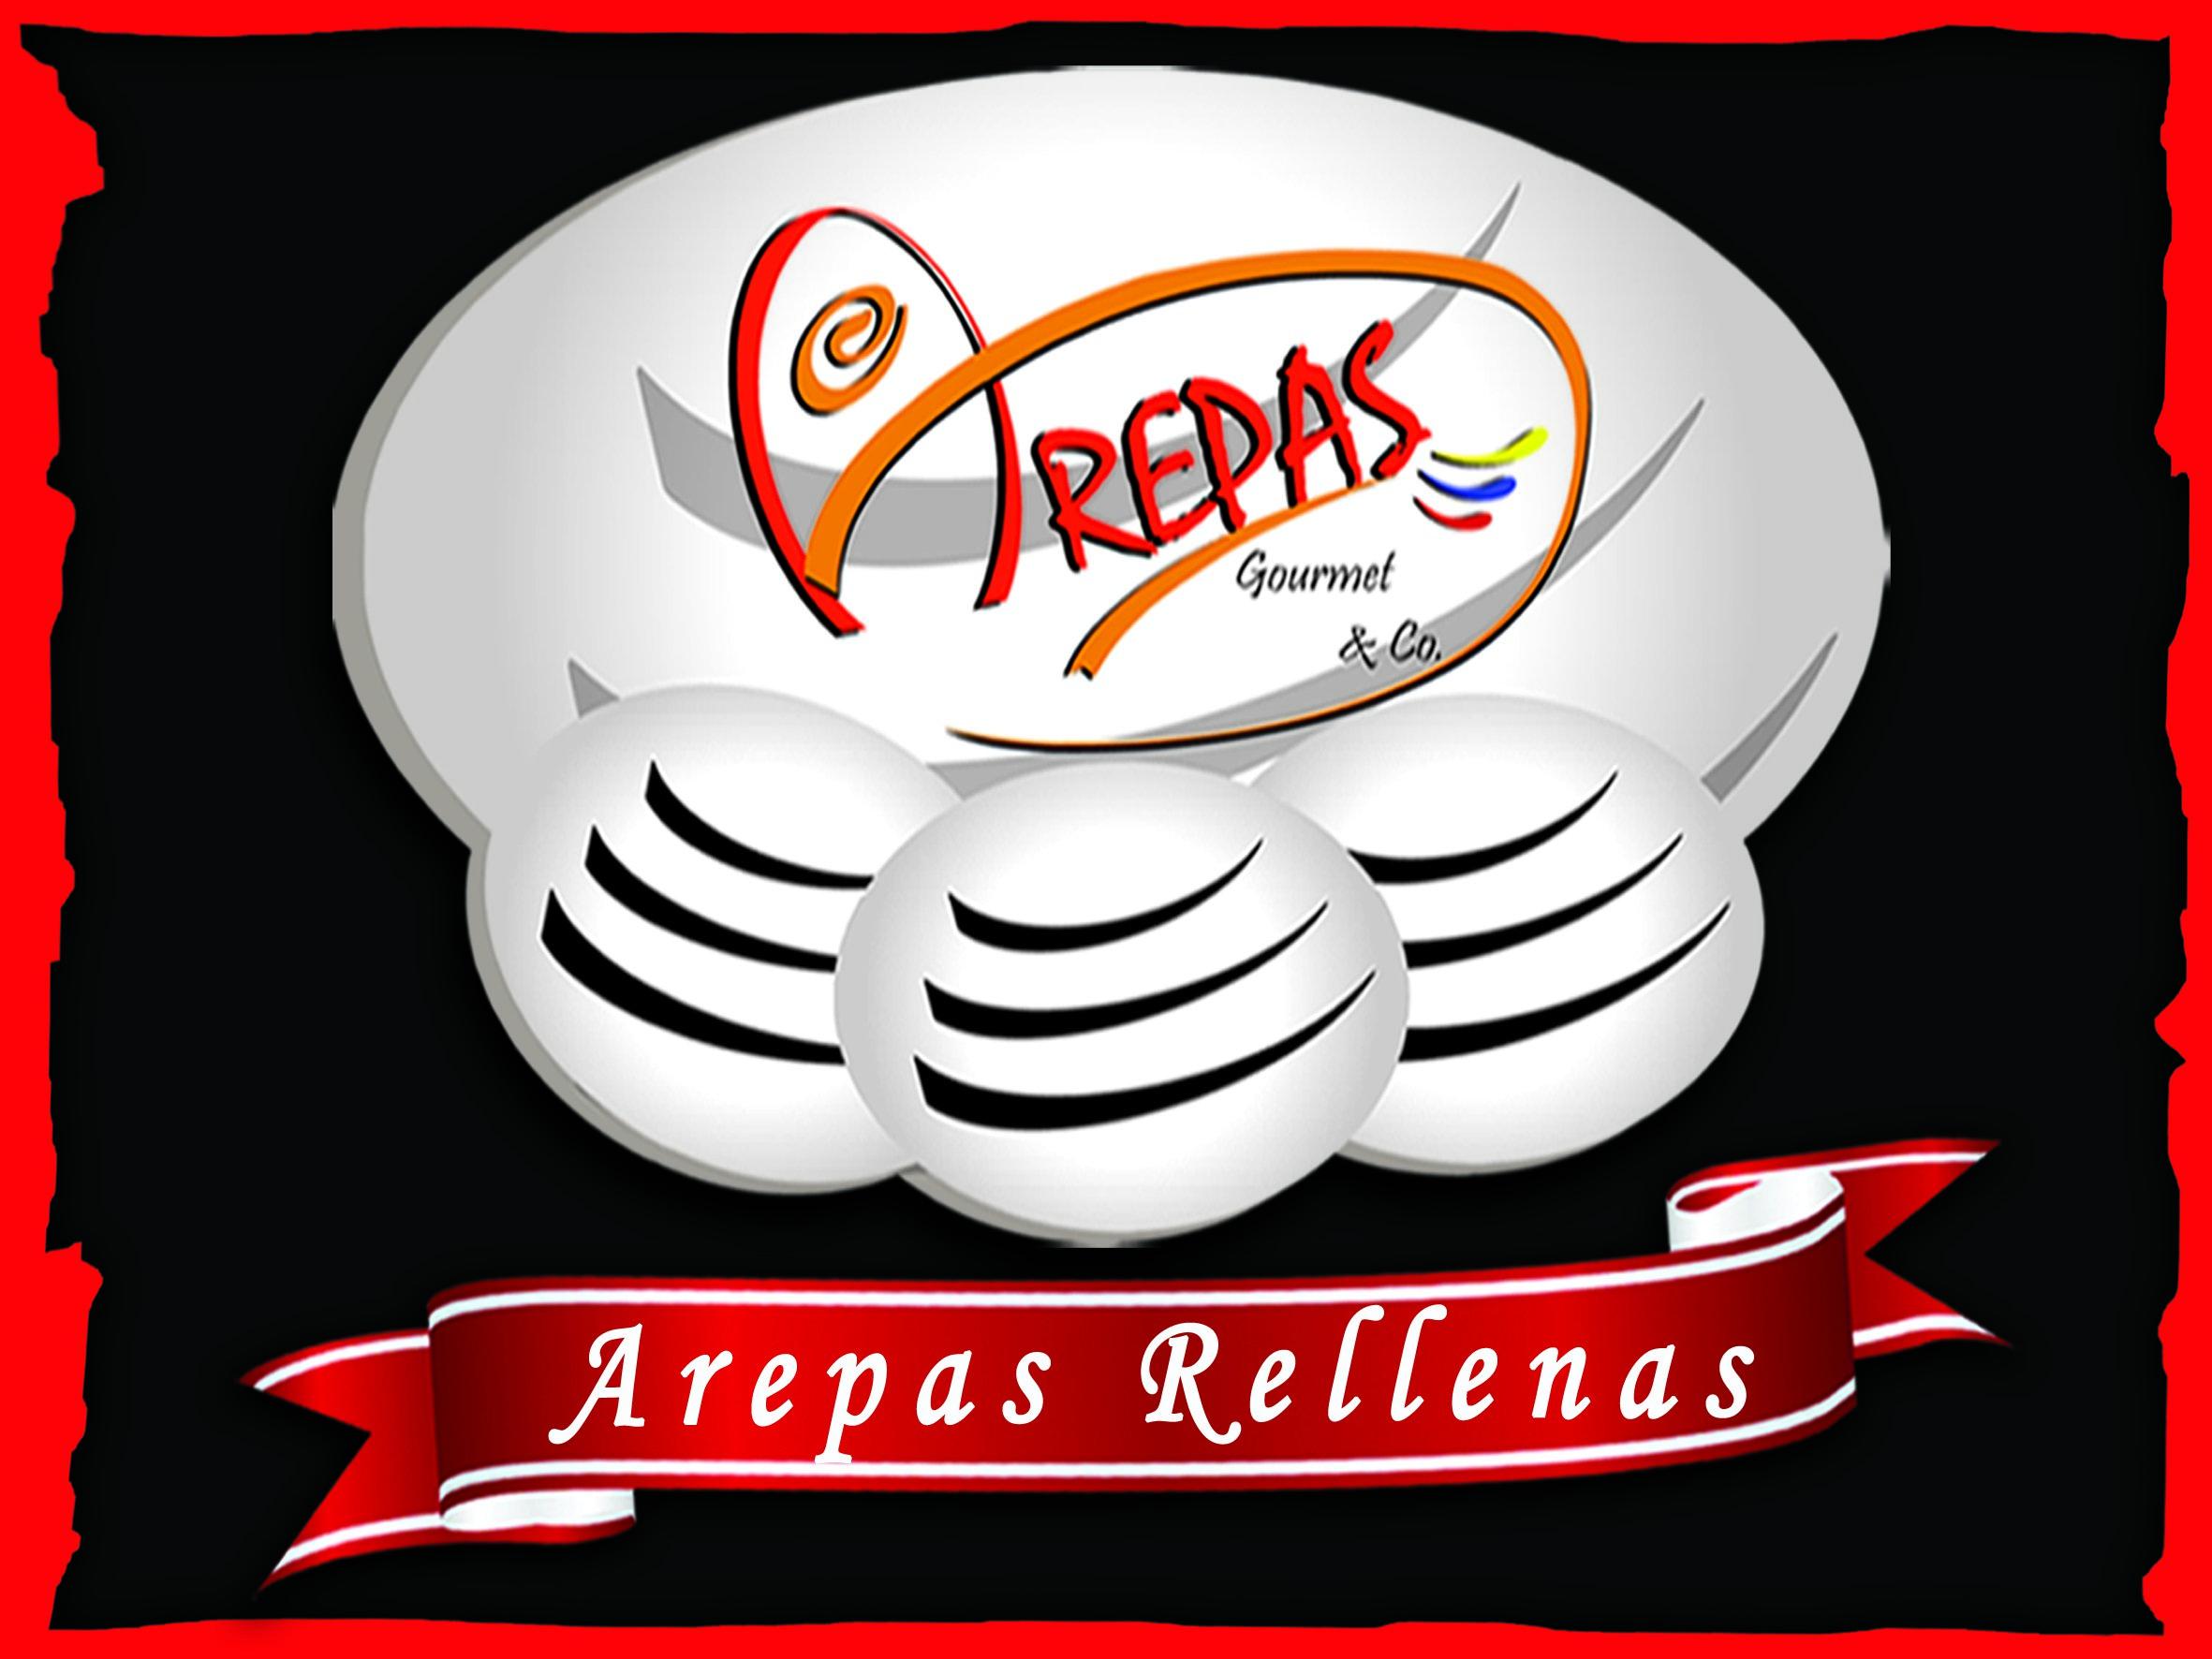 Arepas Gourmet & Co Felicidad